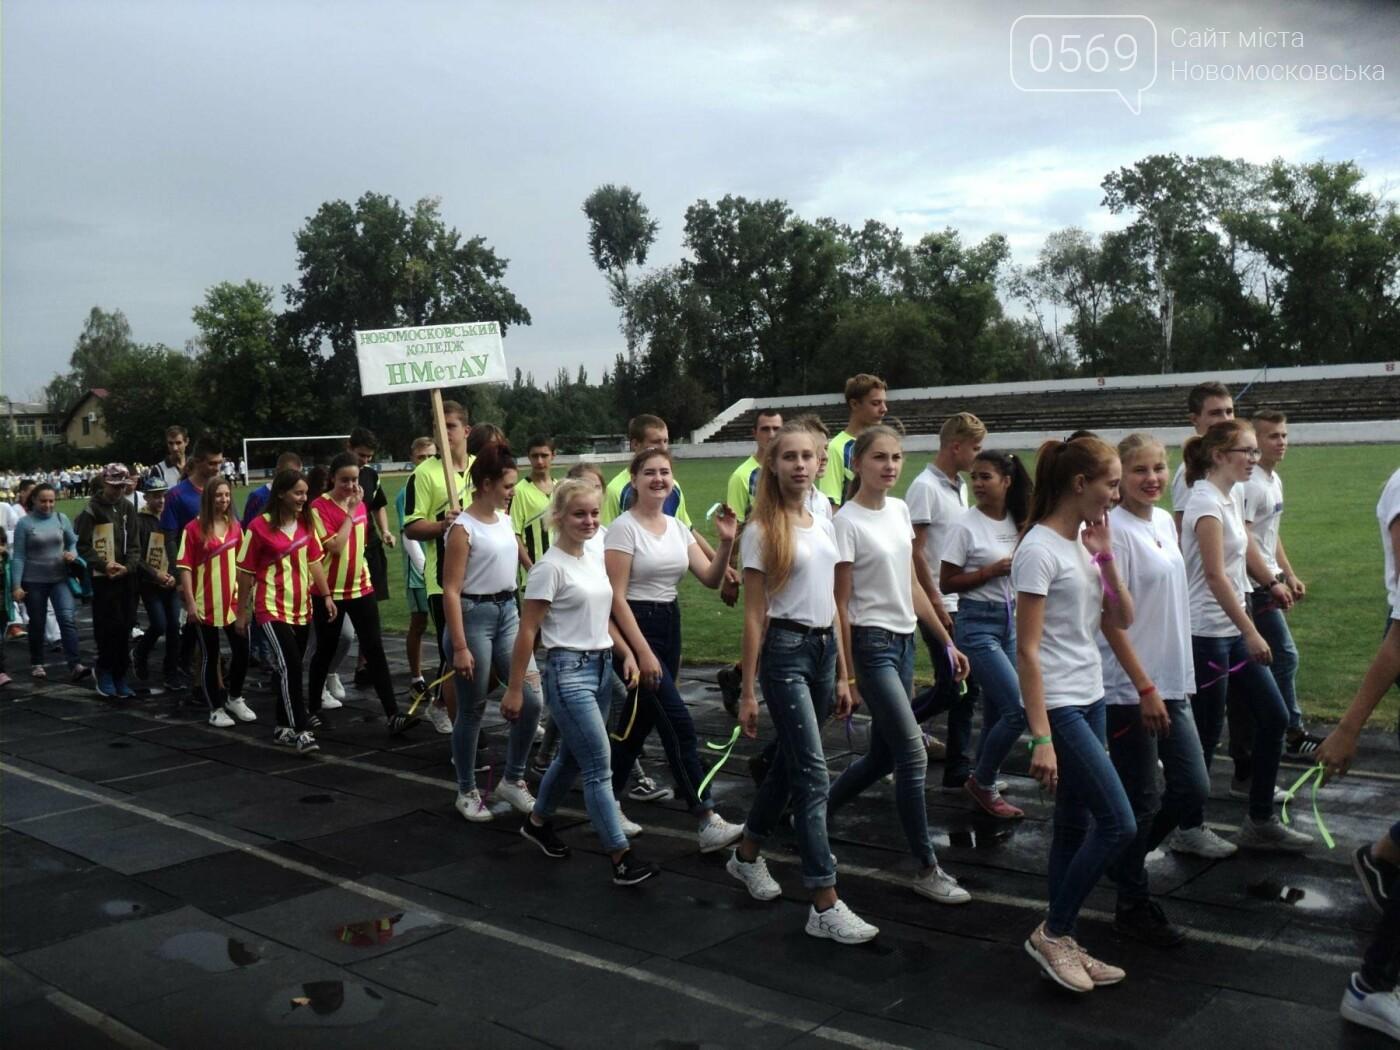 В Новомосковську відсвяткували День фізкультури та спорту, фото-15